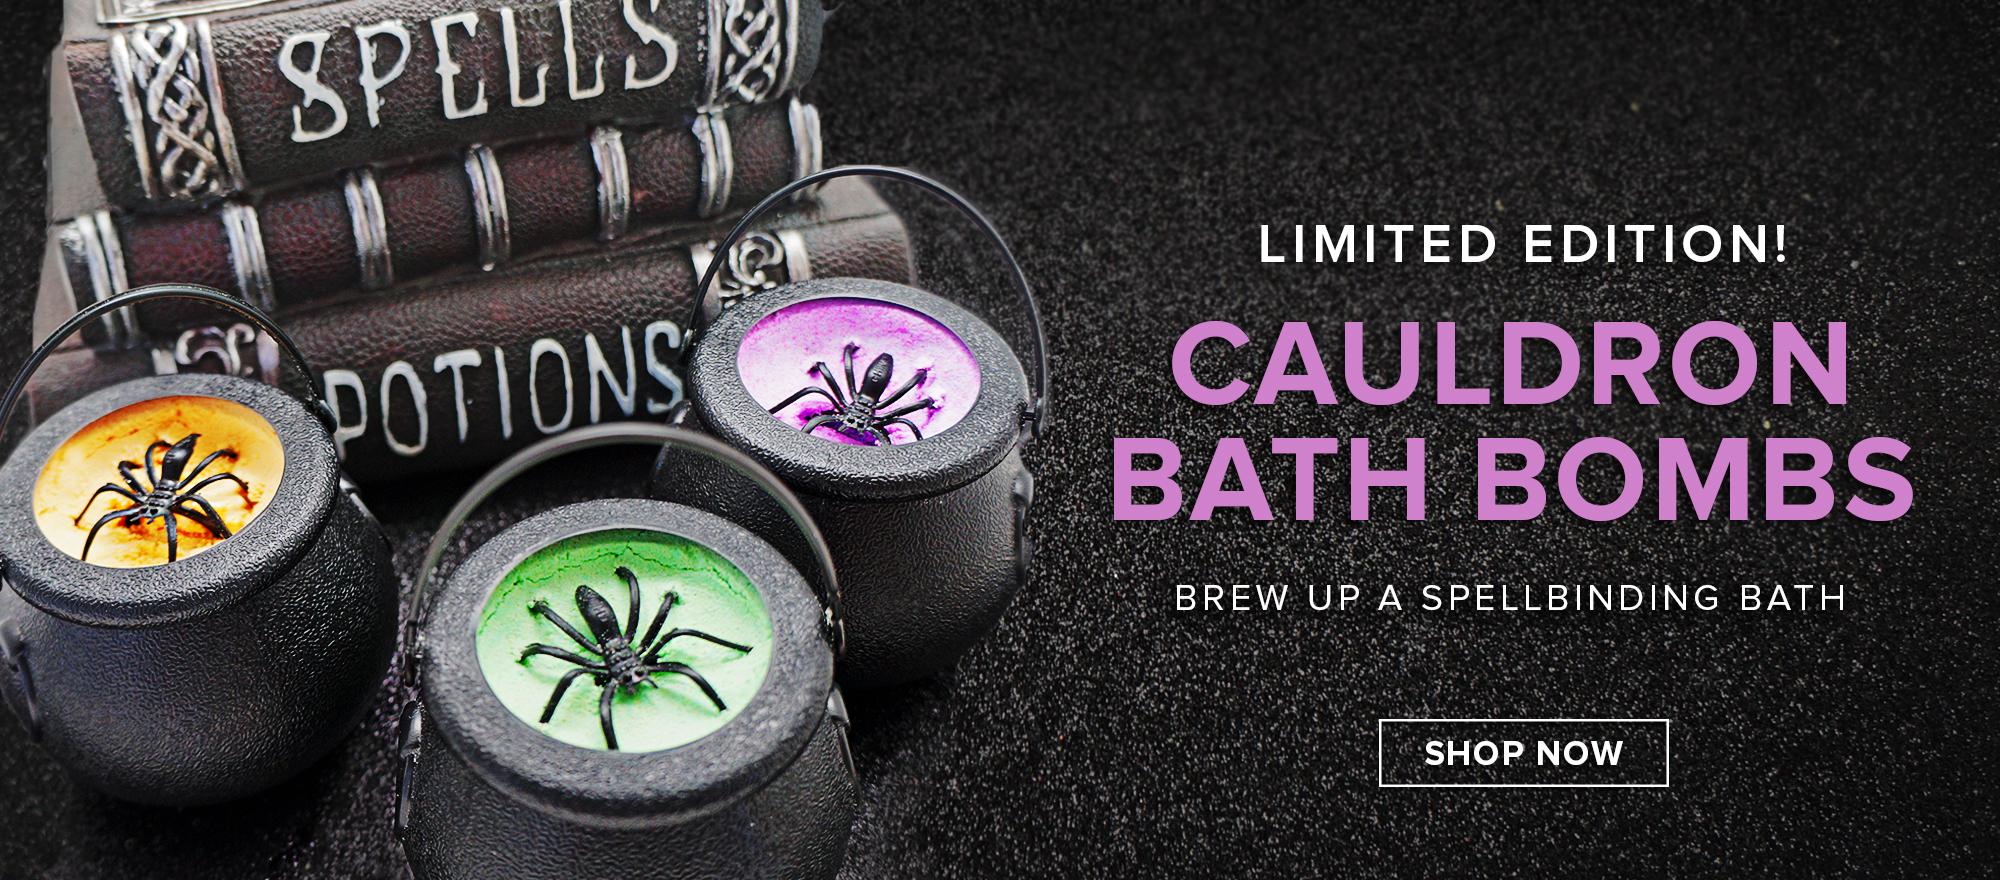 NEW! Cauldron Bath Bombs